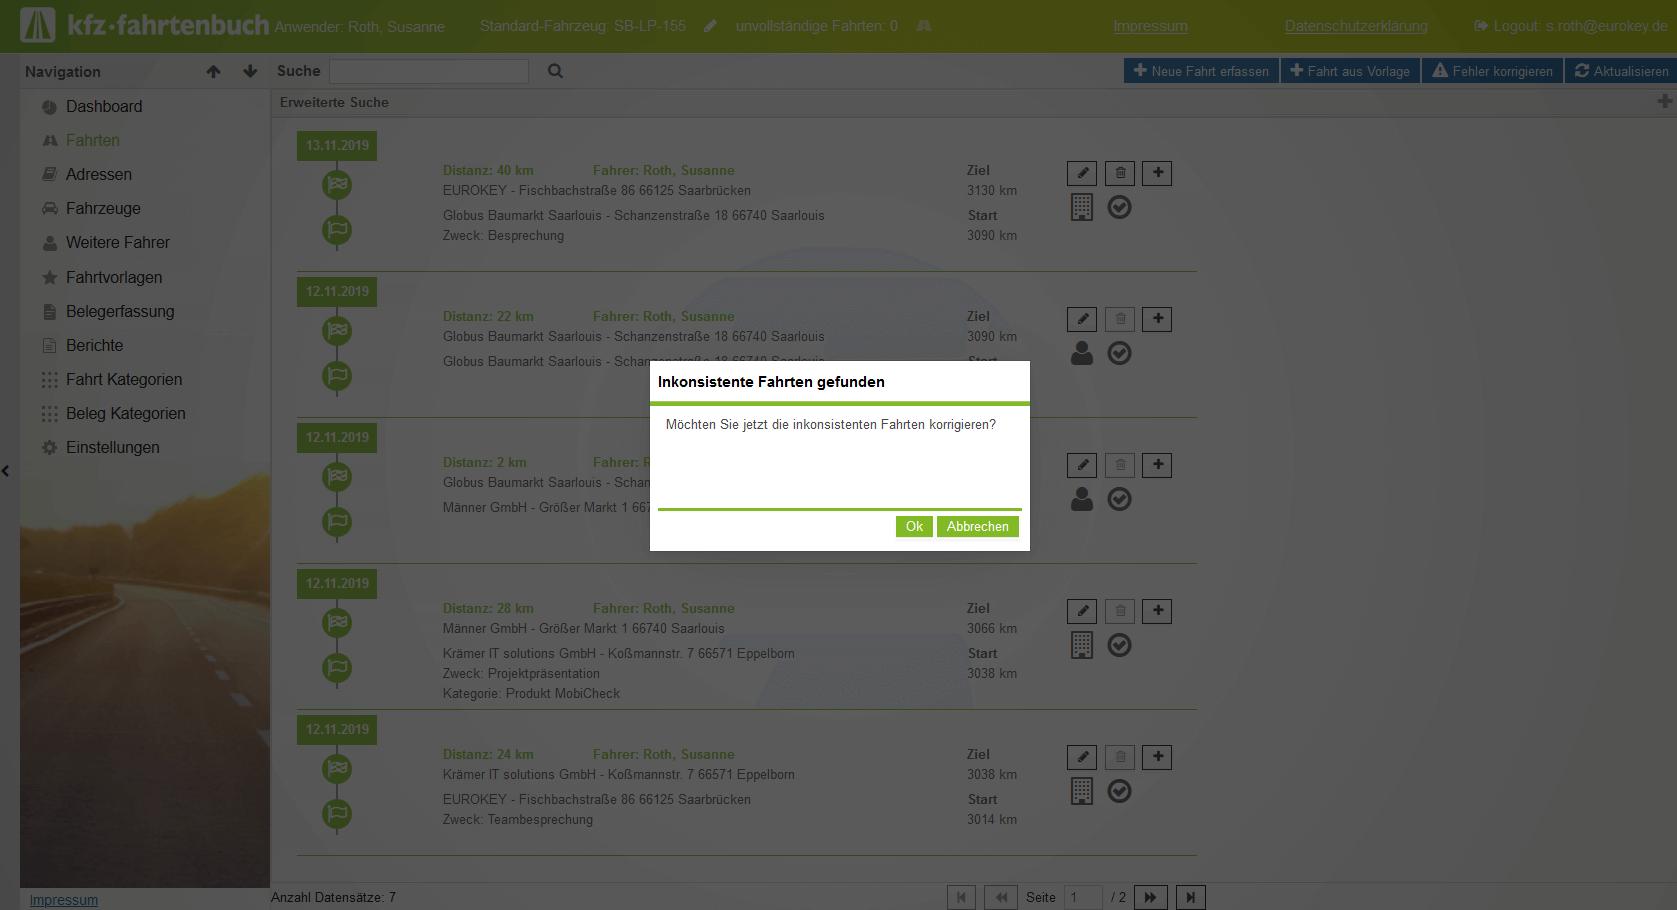 Fahrtüberprüfung Online